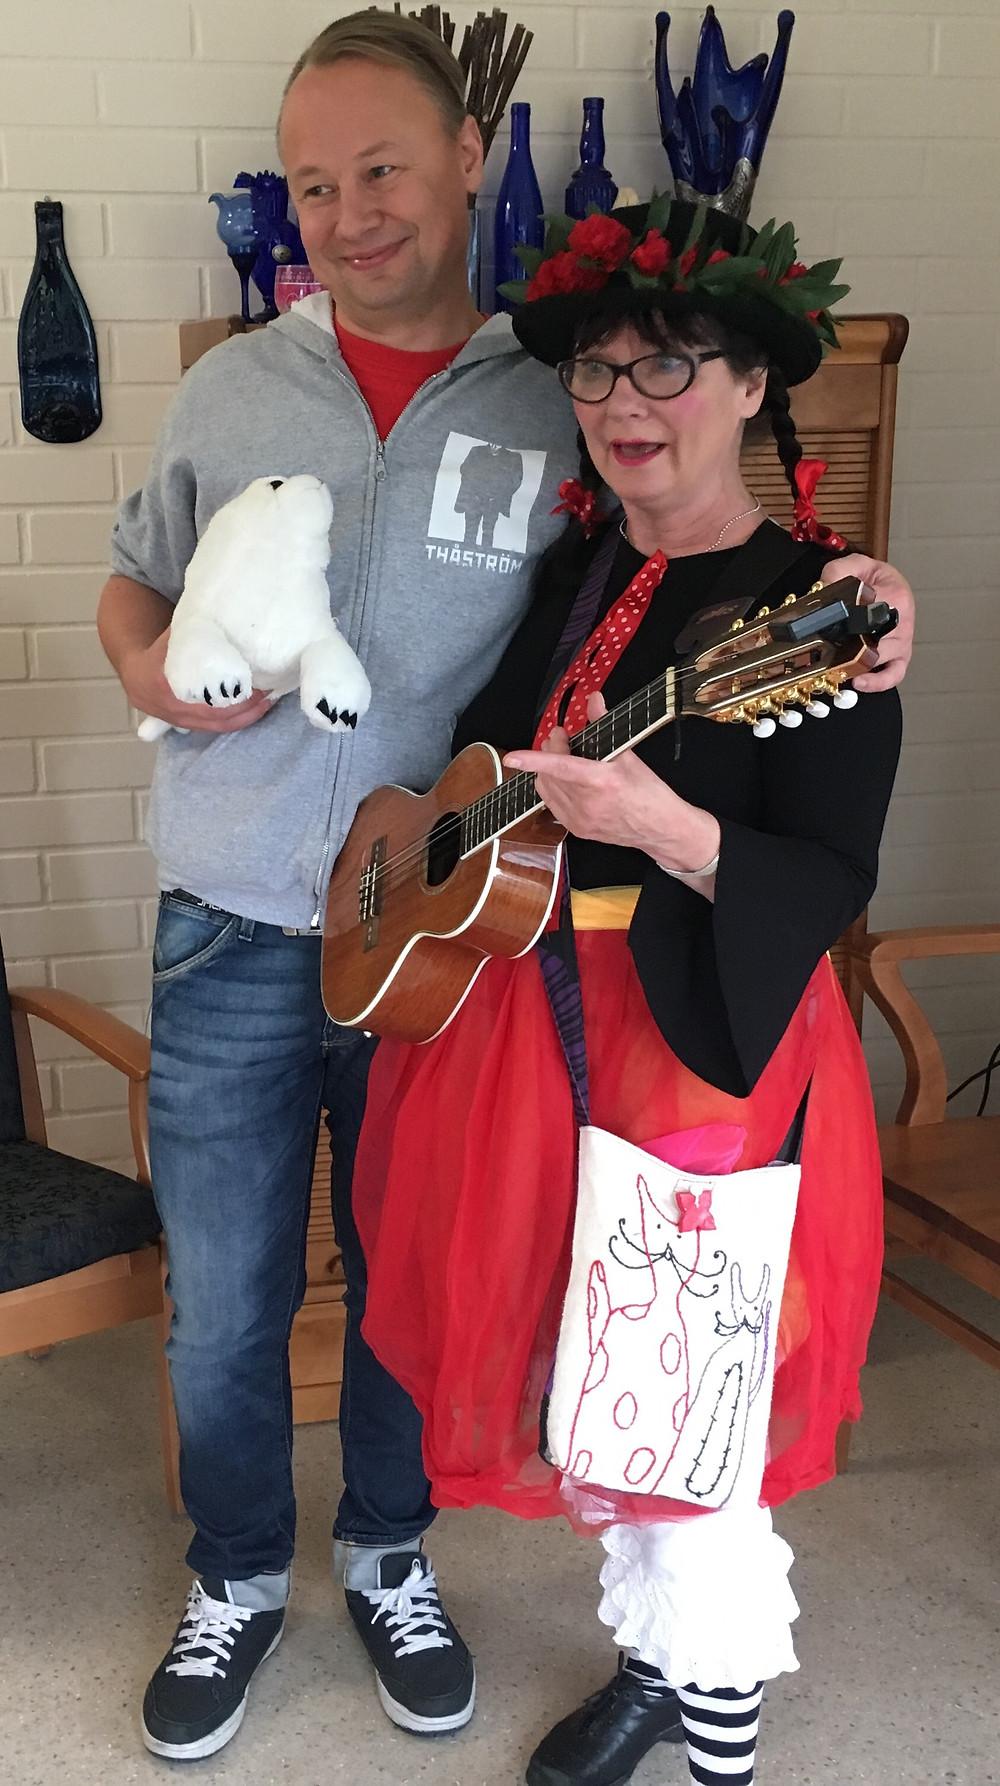 Guy & Lilli på Solbacken igår!